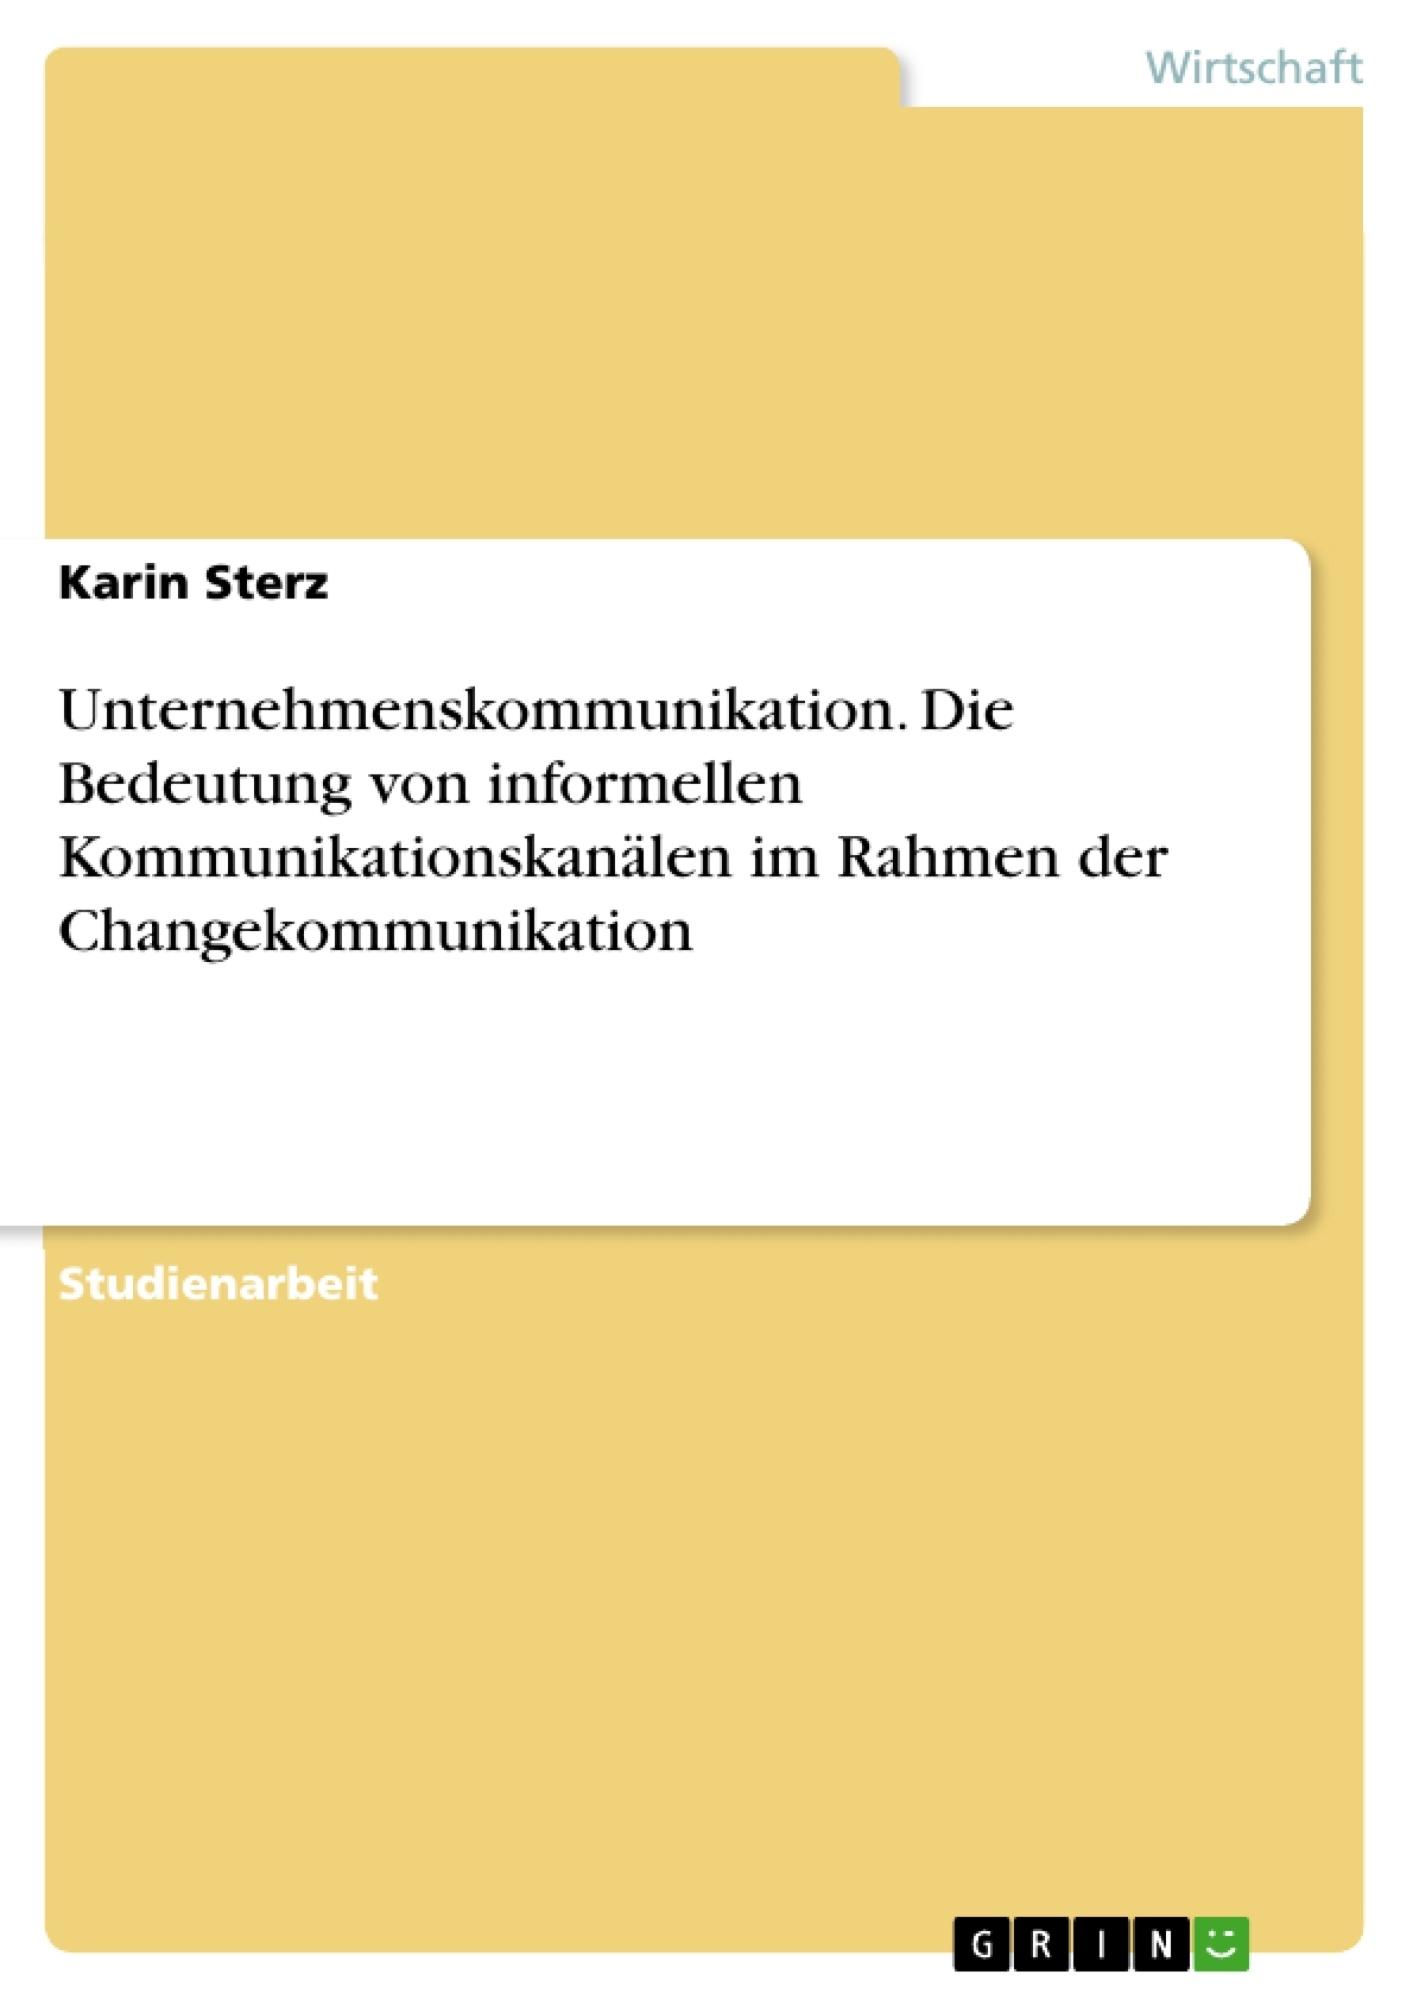 Unternehmenskommunikation. Die Bedeutung von informellen ...